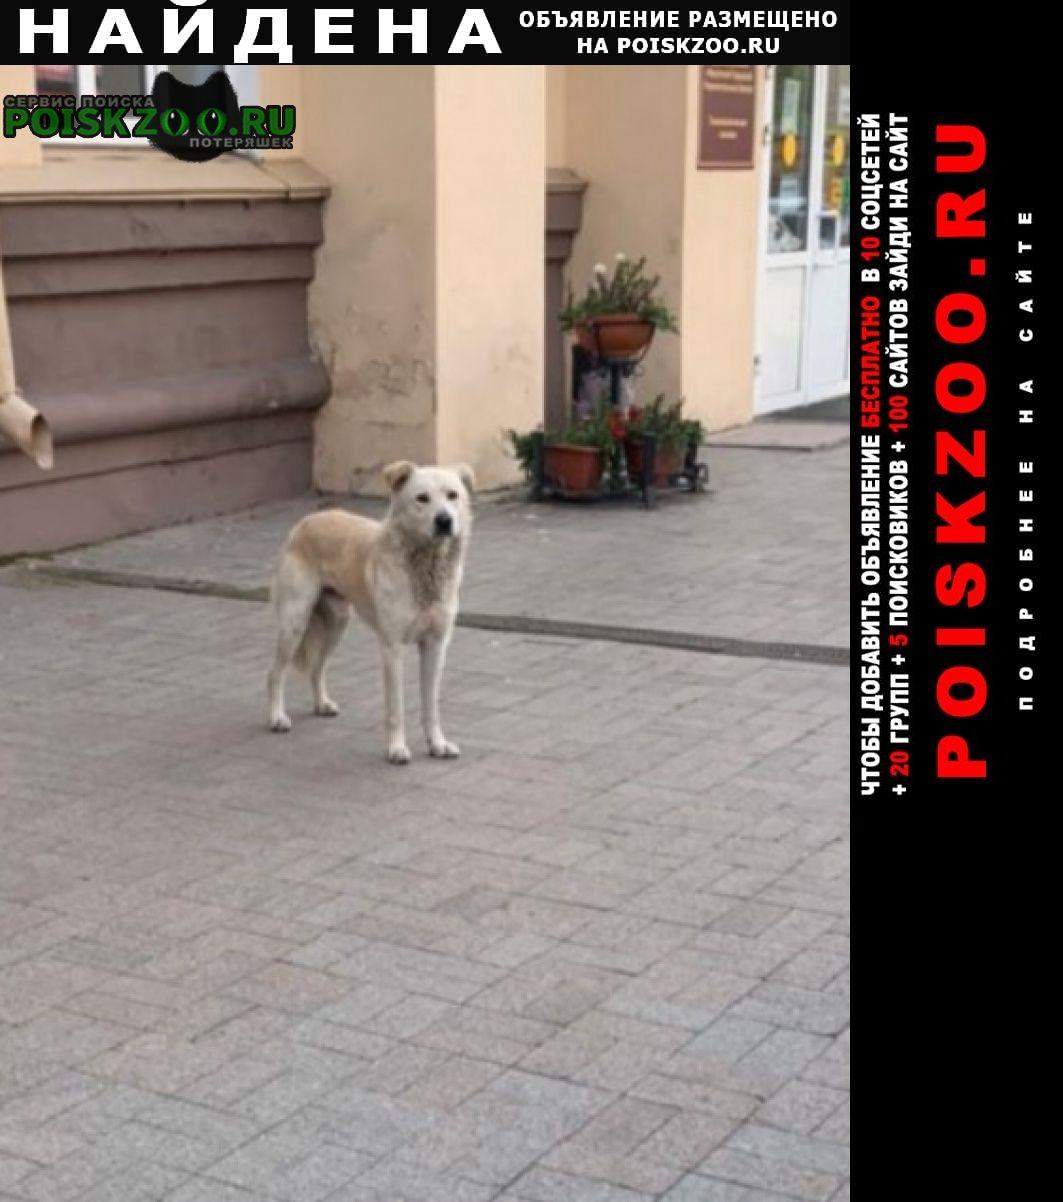 Найдена собака белый лабрадор в центре Иркутск